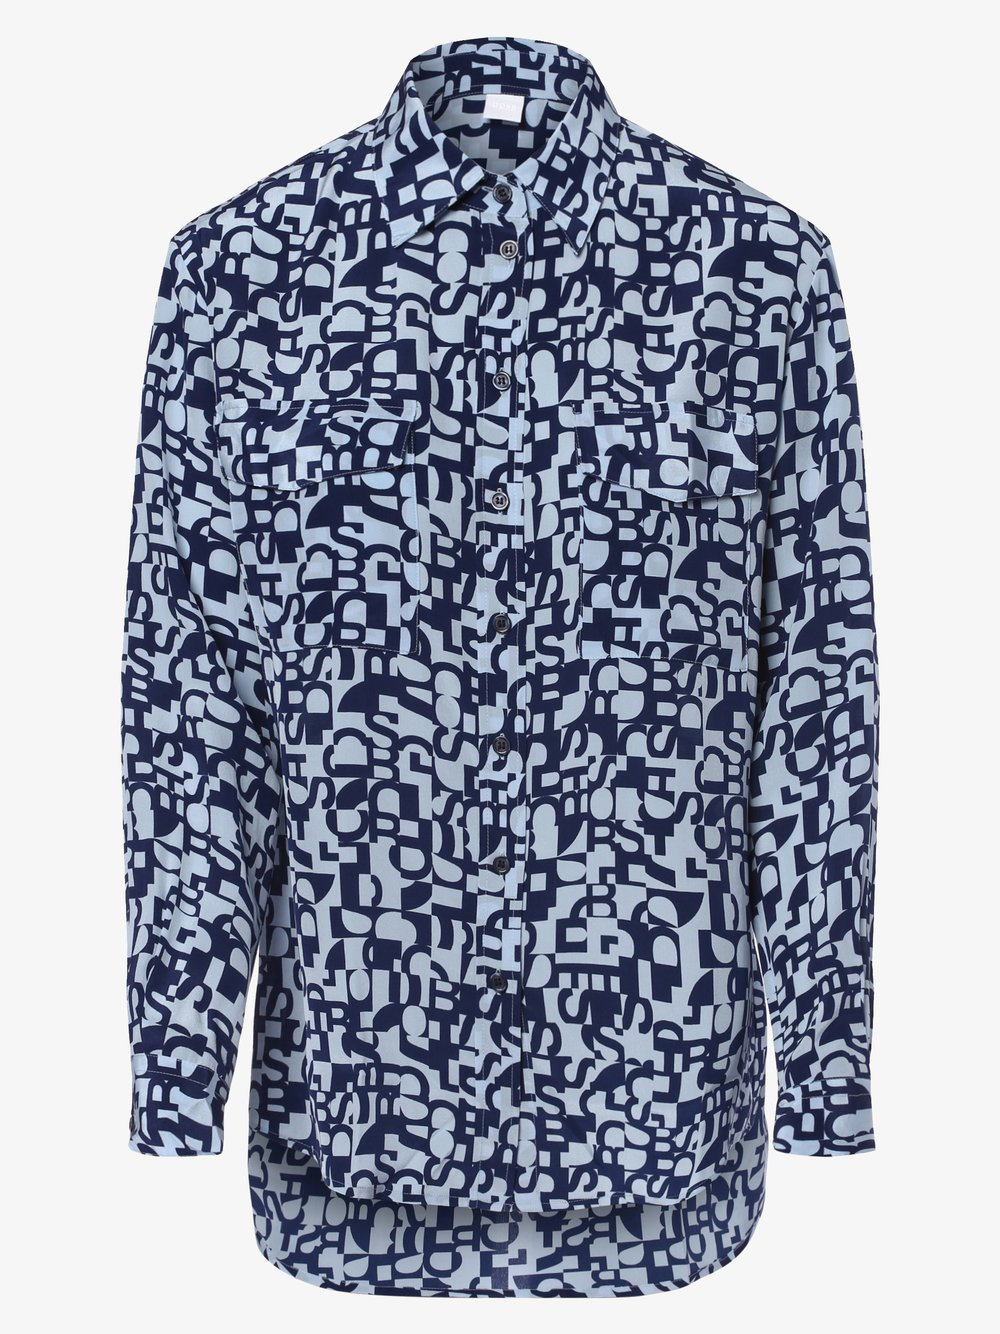 BOSS Casual – Bluzka damska z jedwabiu – Civenti, niebieski Van Graaf 460923-0001-00420